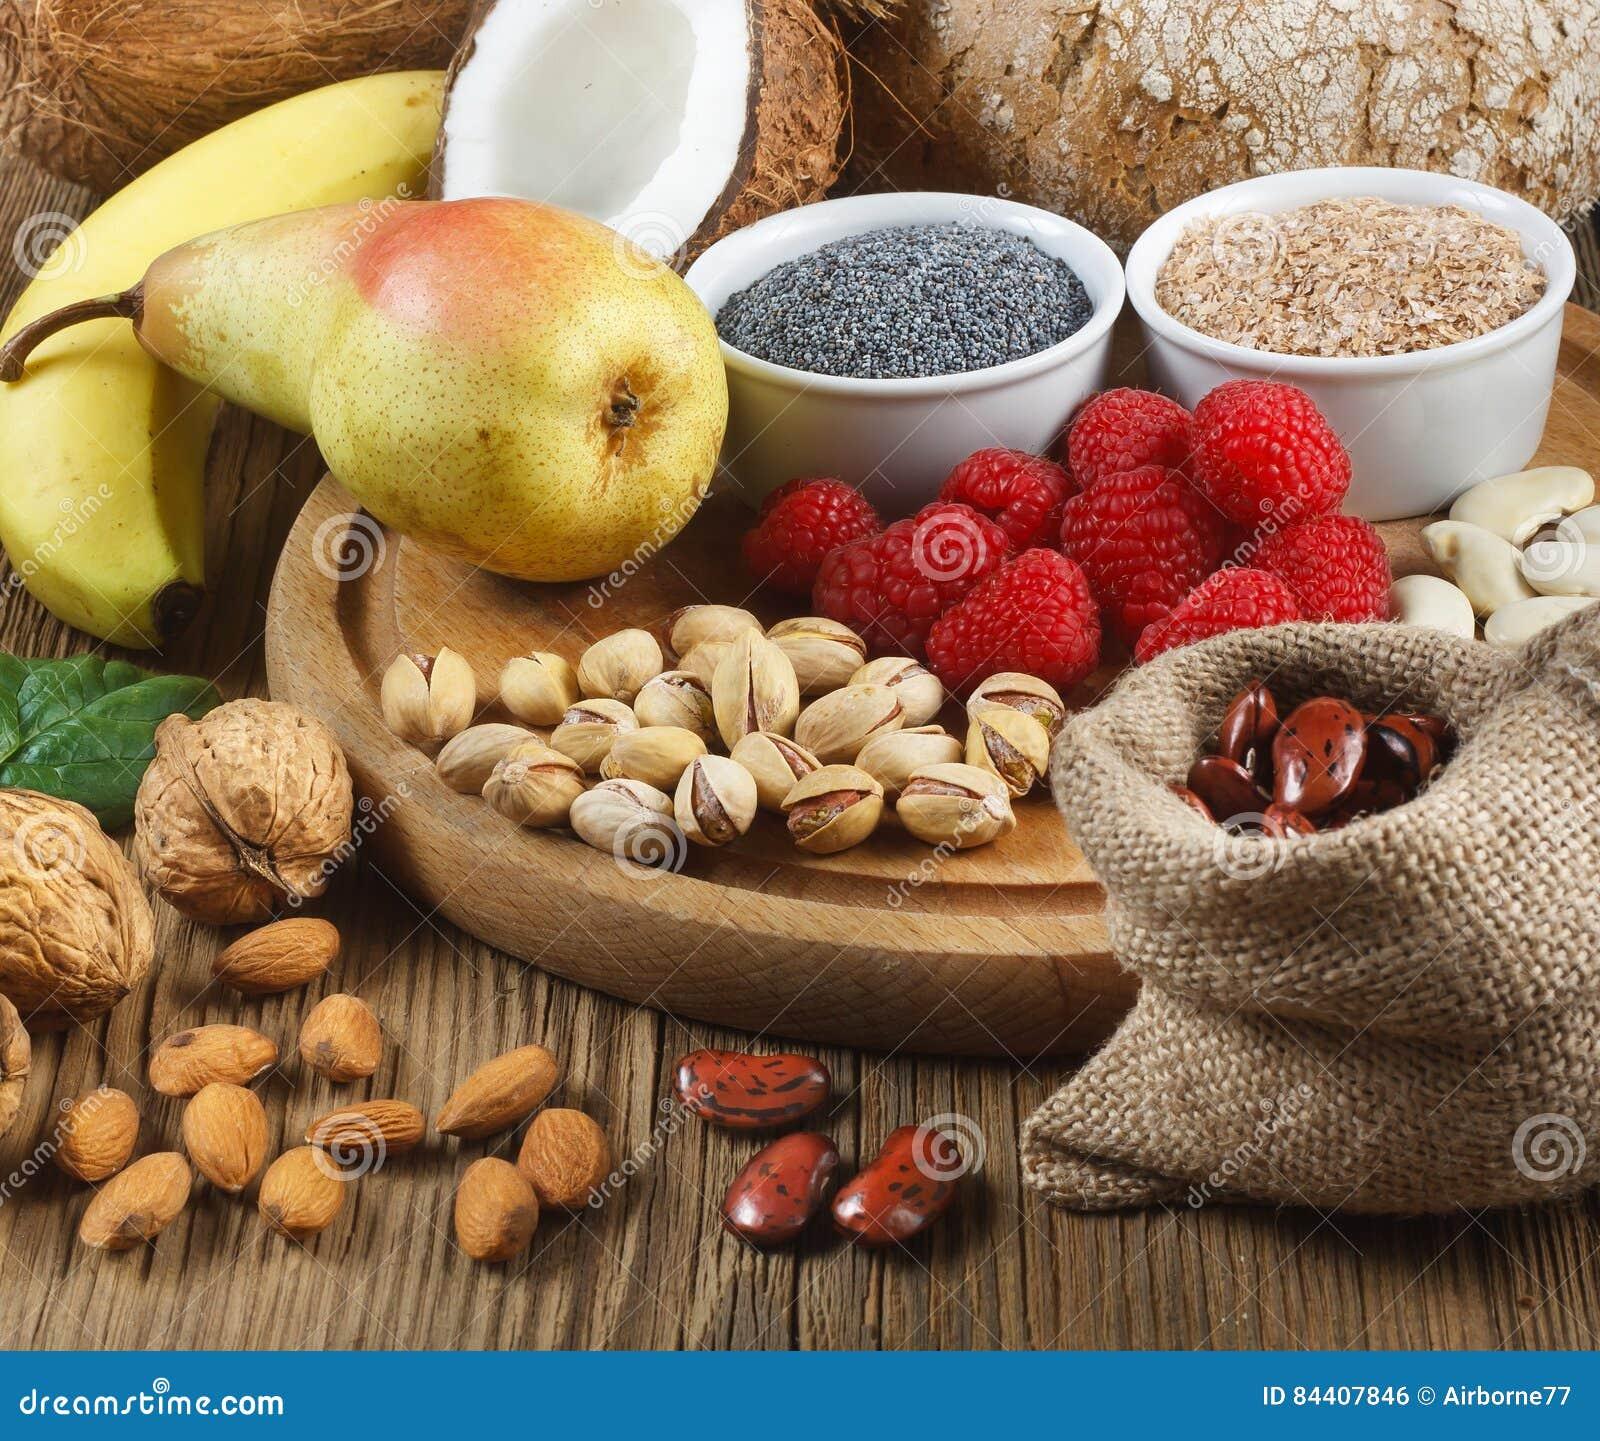 Comidas ricas en fibra